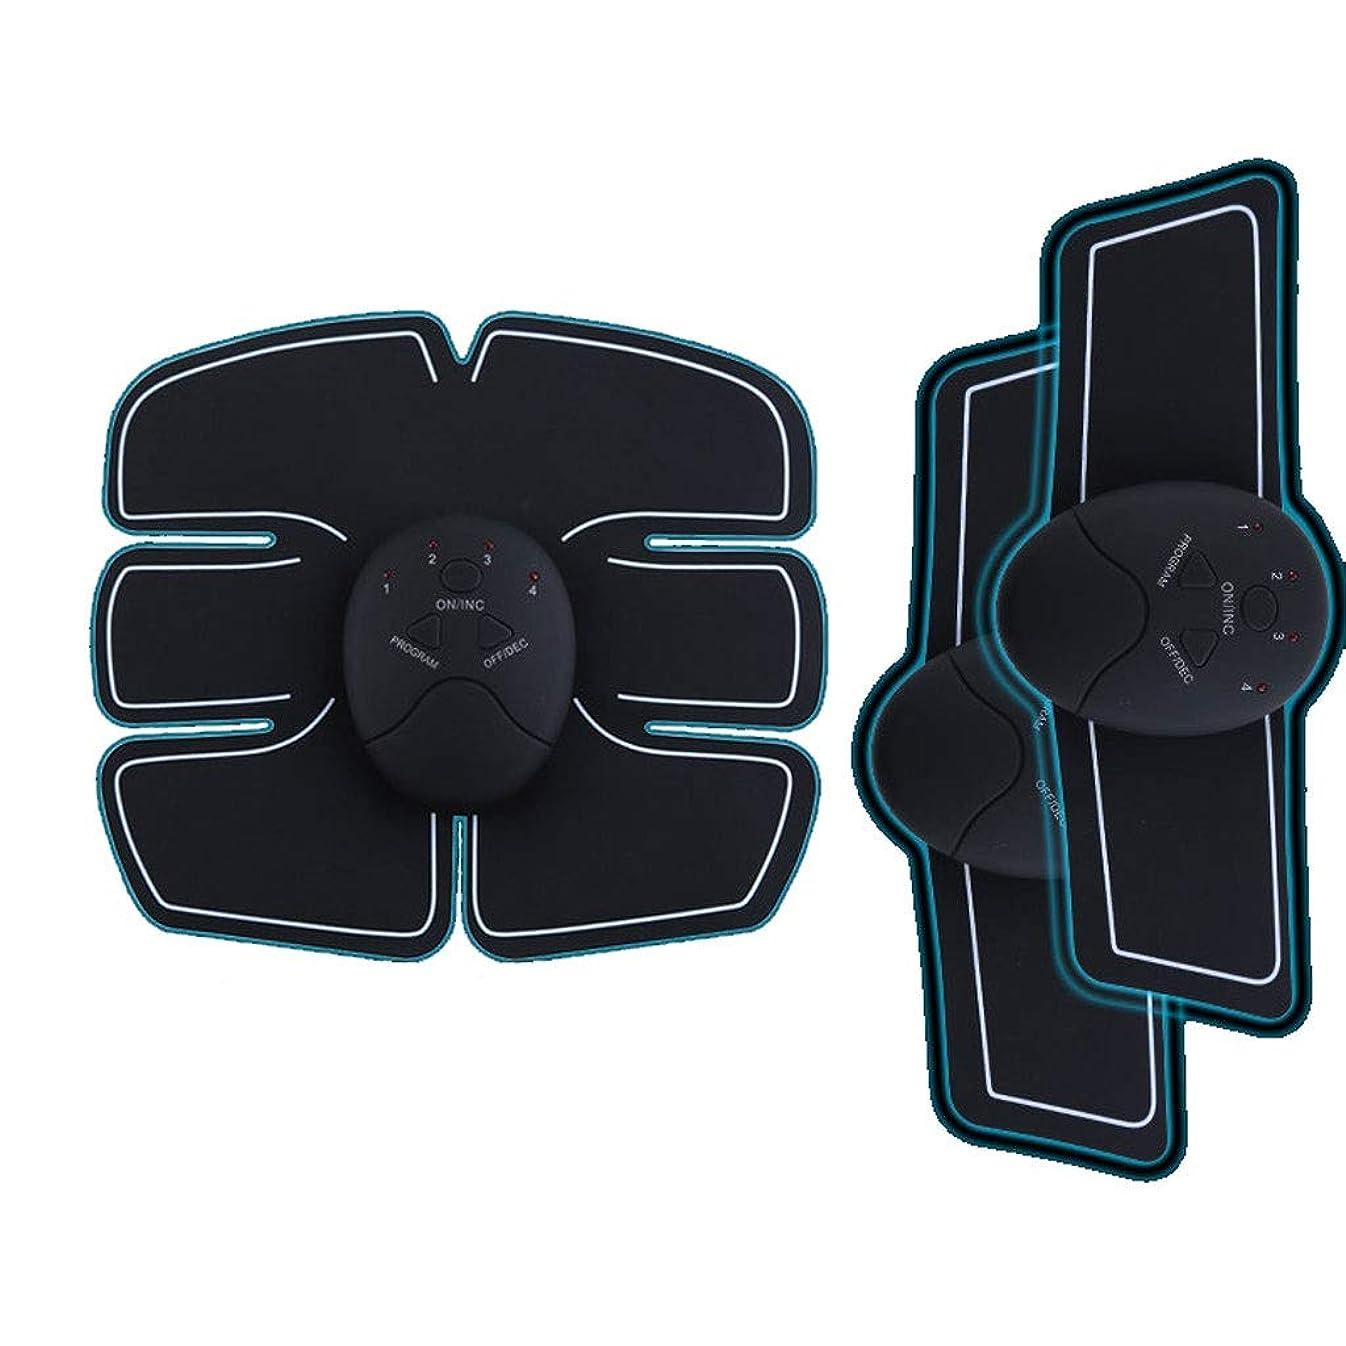 受ける星放射するEMS AbsトレーナーAbベルト、腹部調色ベルト、腹筋刺激装置、ABSマシンAbベルト調色ジムワークアウトマシン用男性&女性 (Size : 3 host set of stickers)